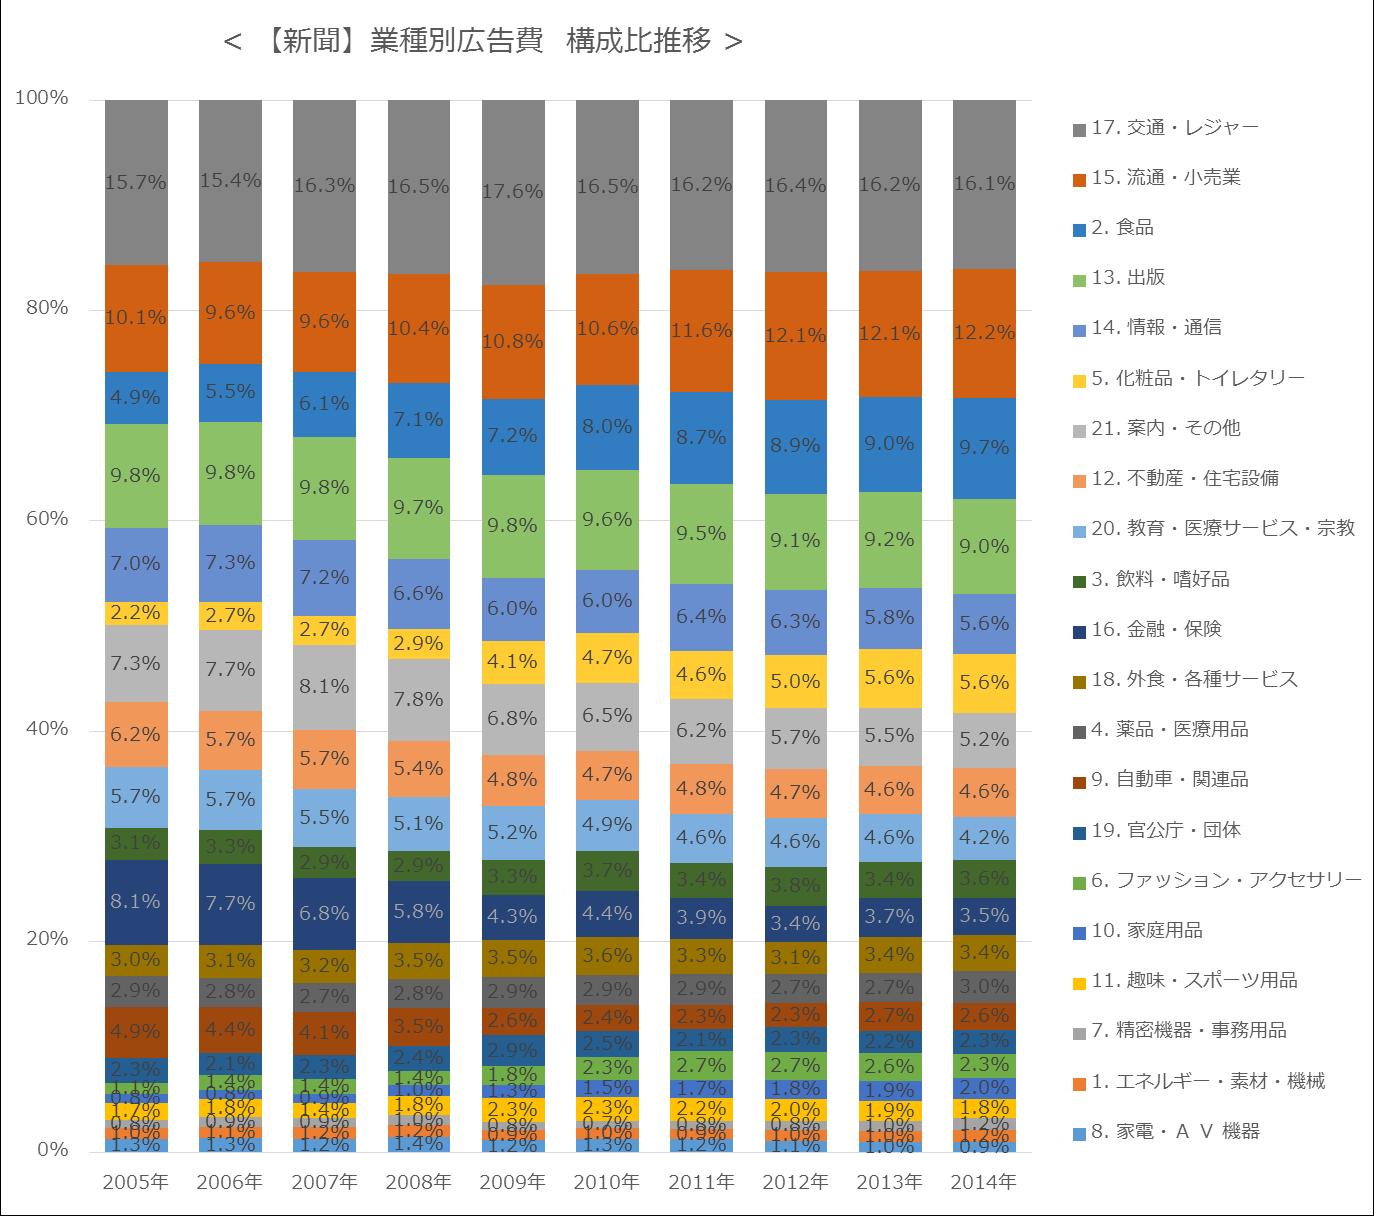 【新聞】業種別広告費  構成比推移